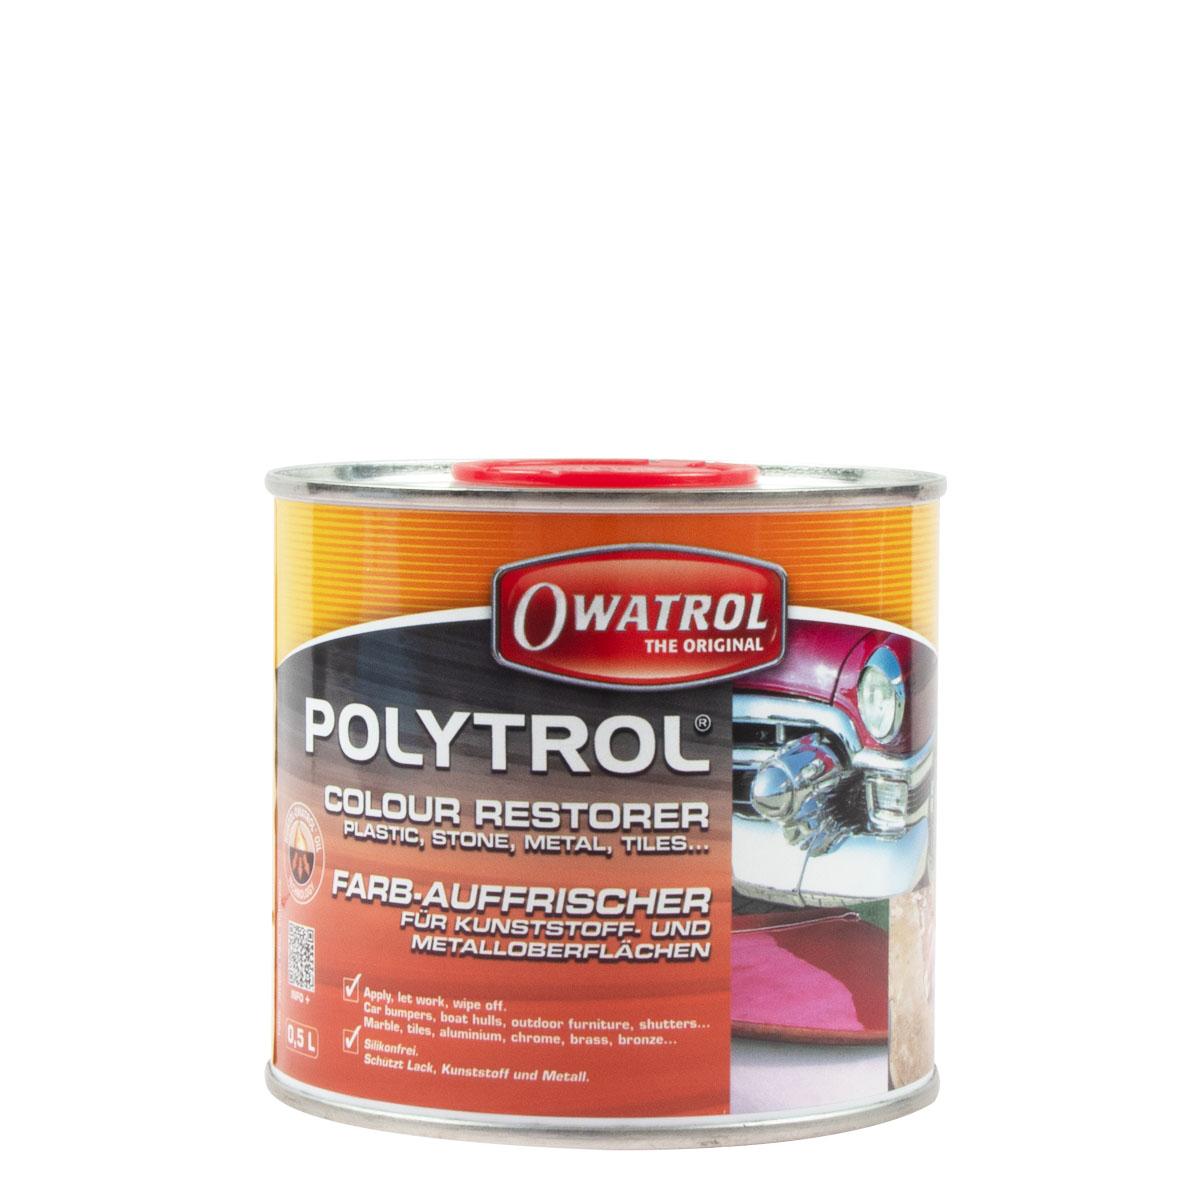 Owatrol Polytrol 0,5L Farb-Auffrischer Kunststoff & Metall